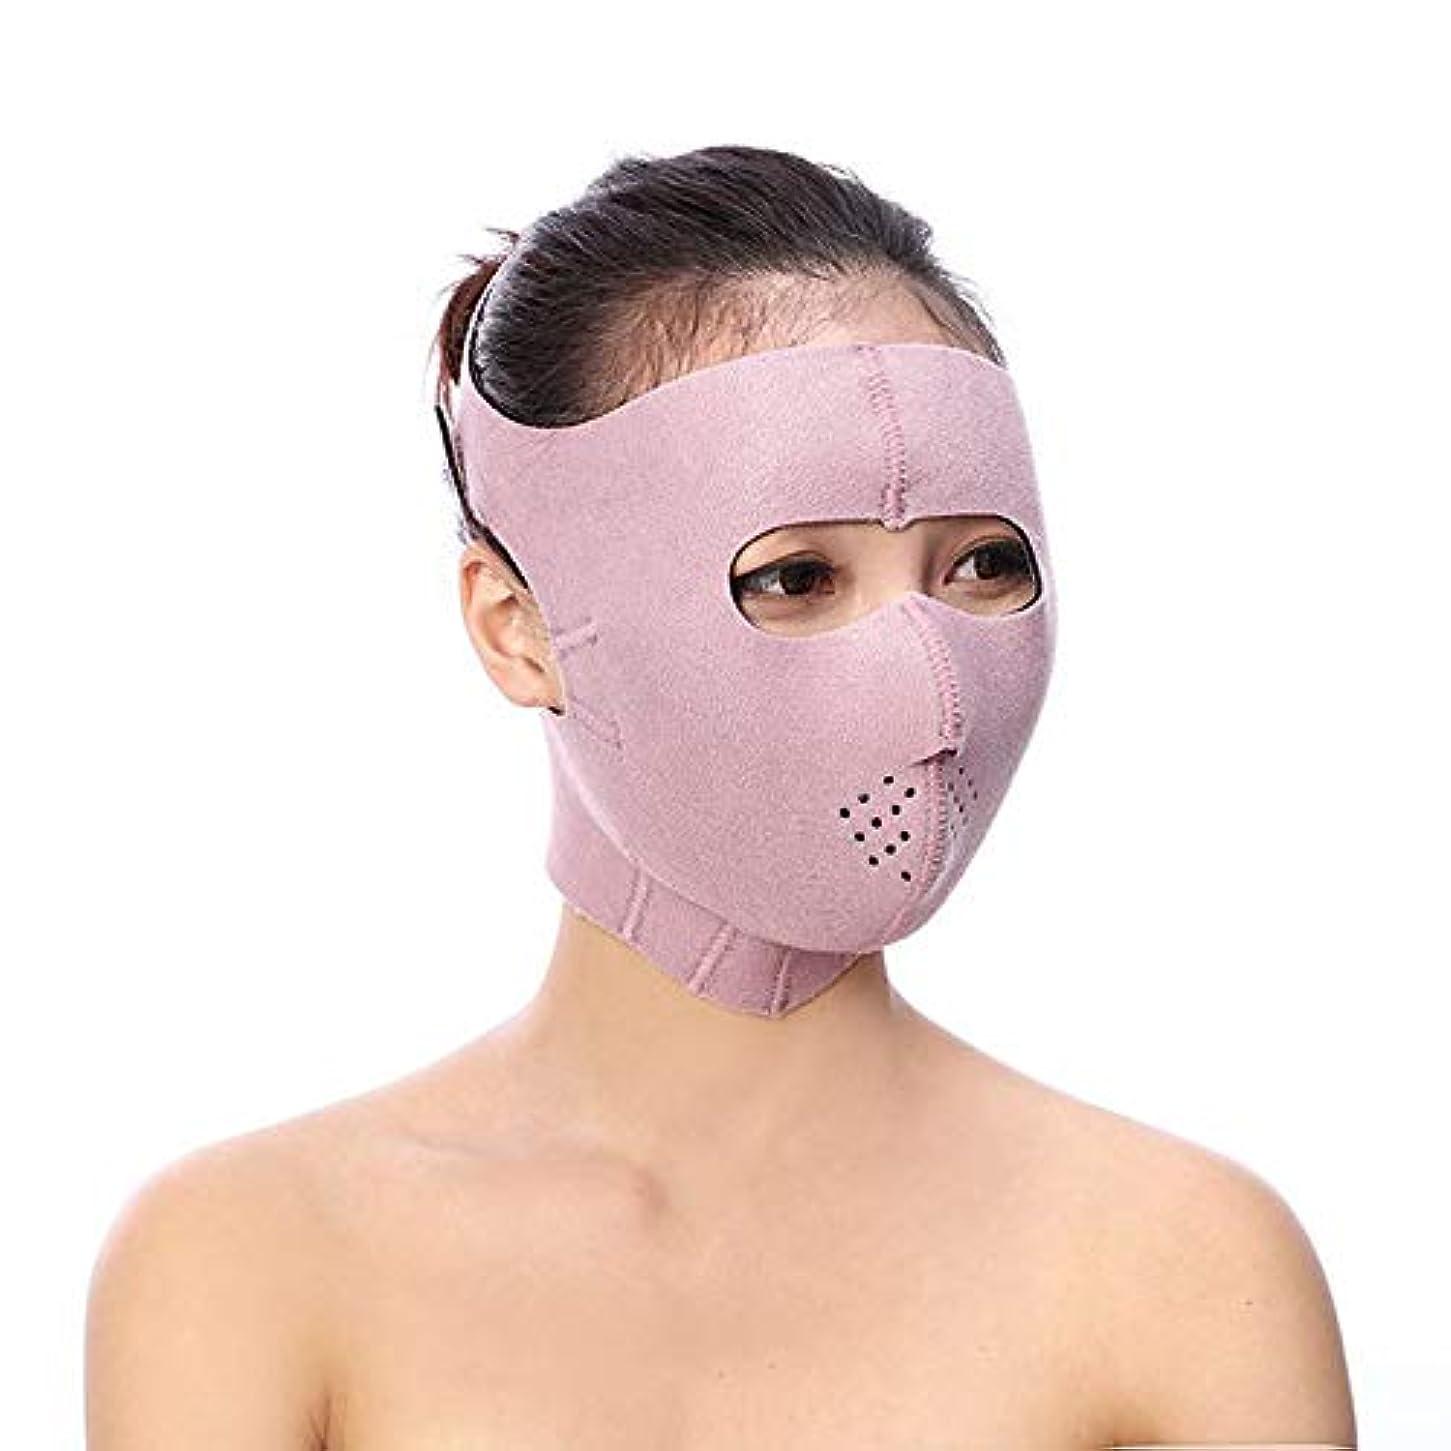 口述異常な少年BS フェイシャルリフティング痩身ベルト - Vフェイス包帯マスクフェイシャルマッサージャー無料の薄いフェイス包帯整形マスクを引き締める顔と首の顔スリム フェイスリフティングアーティファクト